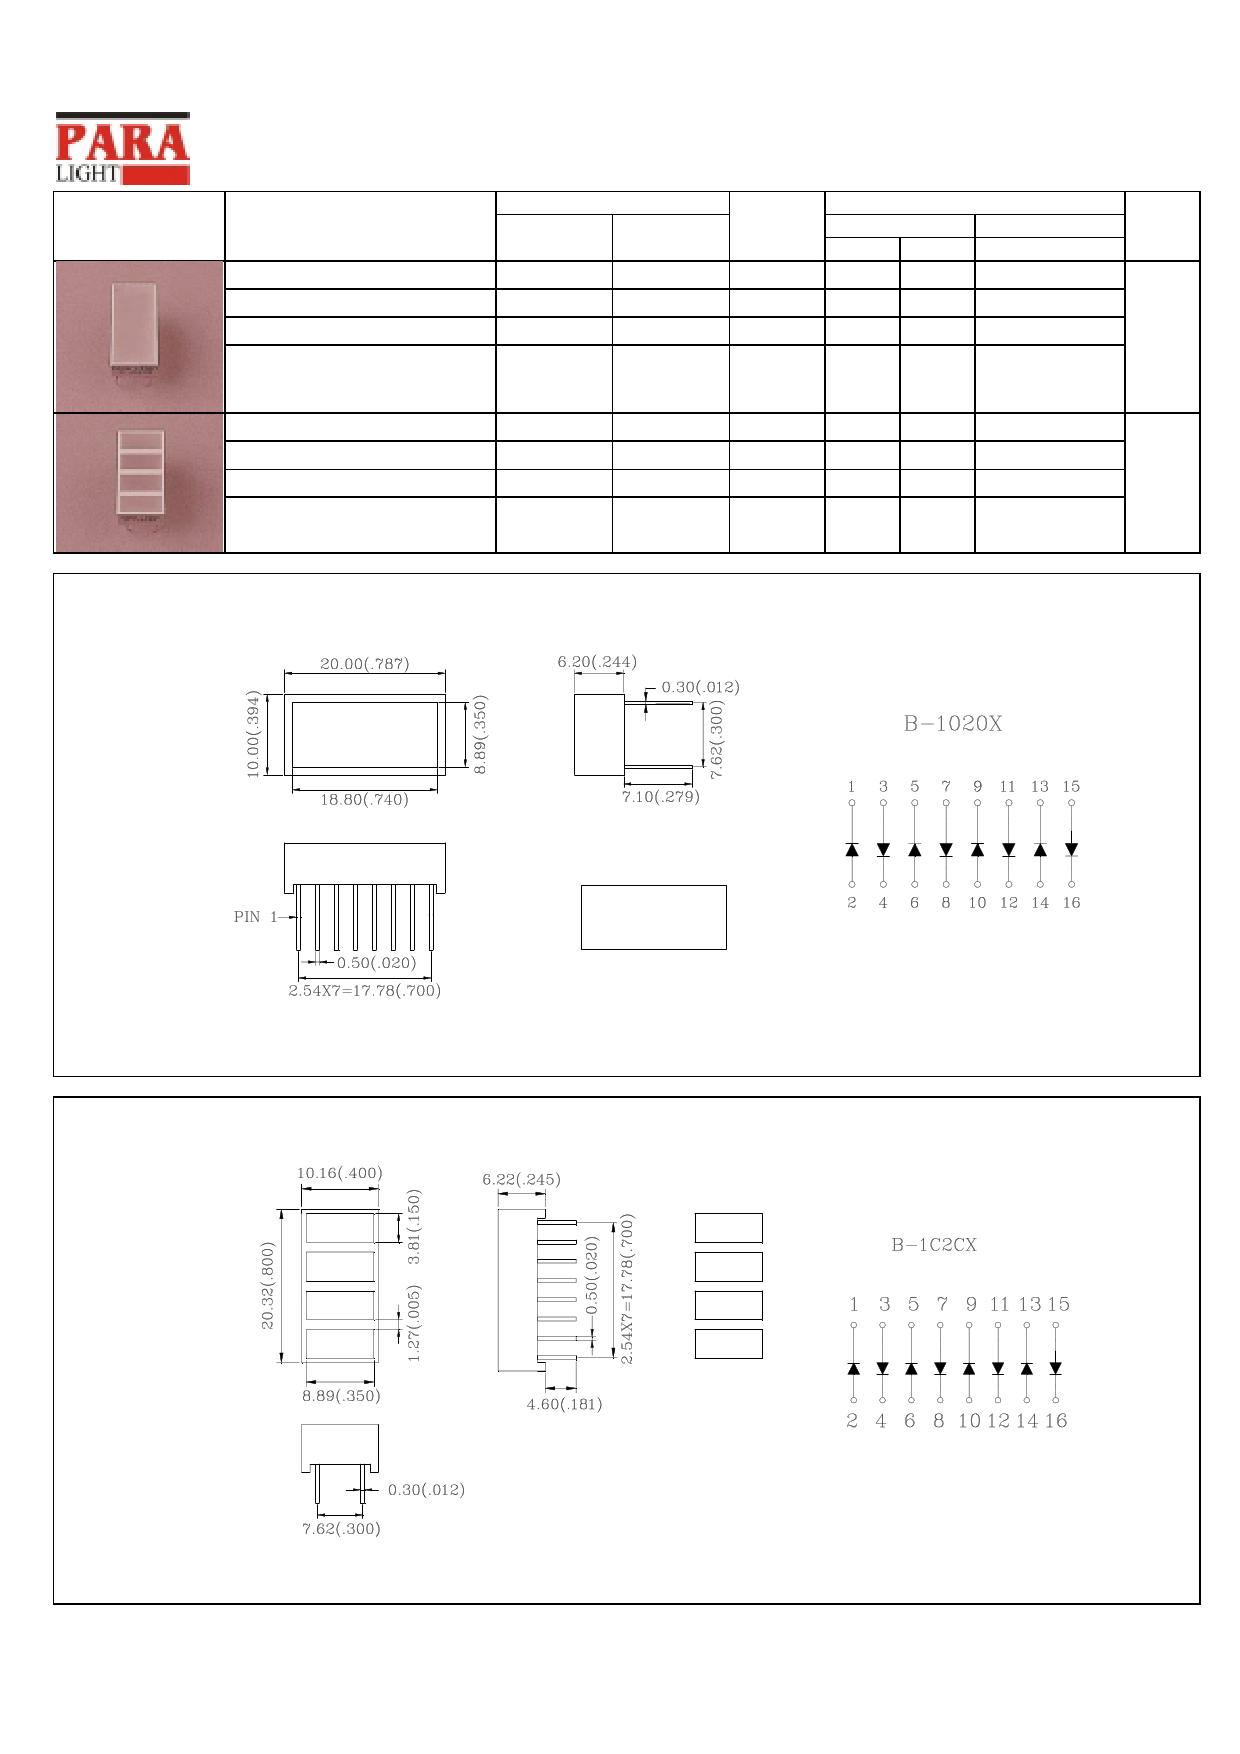 B-1C2CSR datasheet